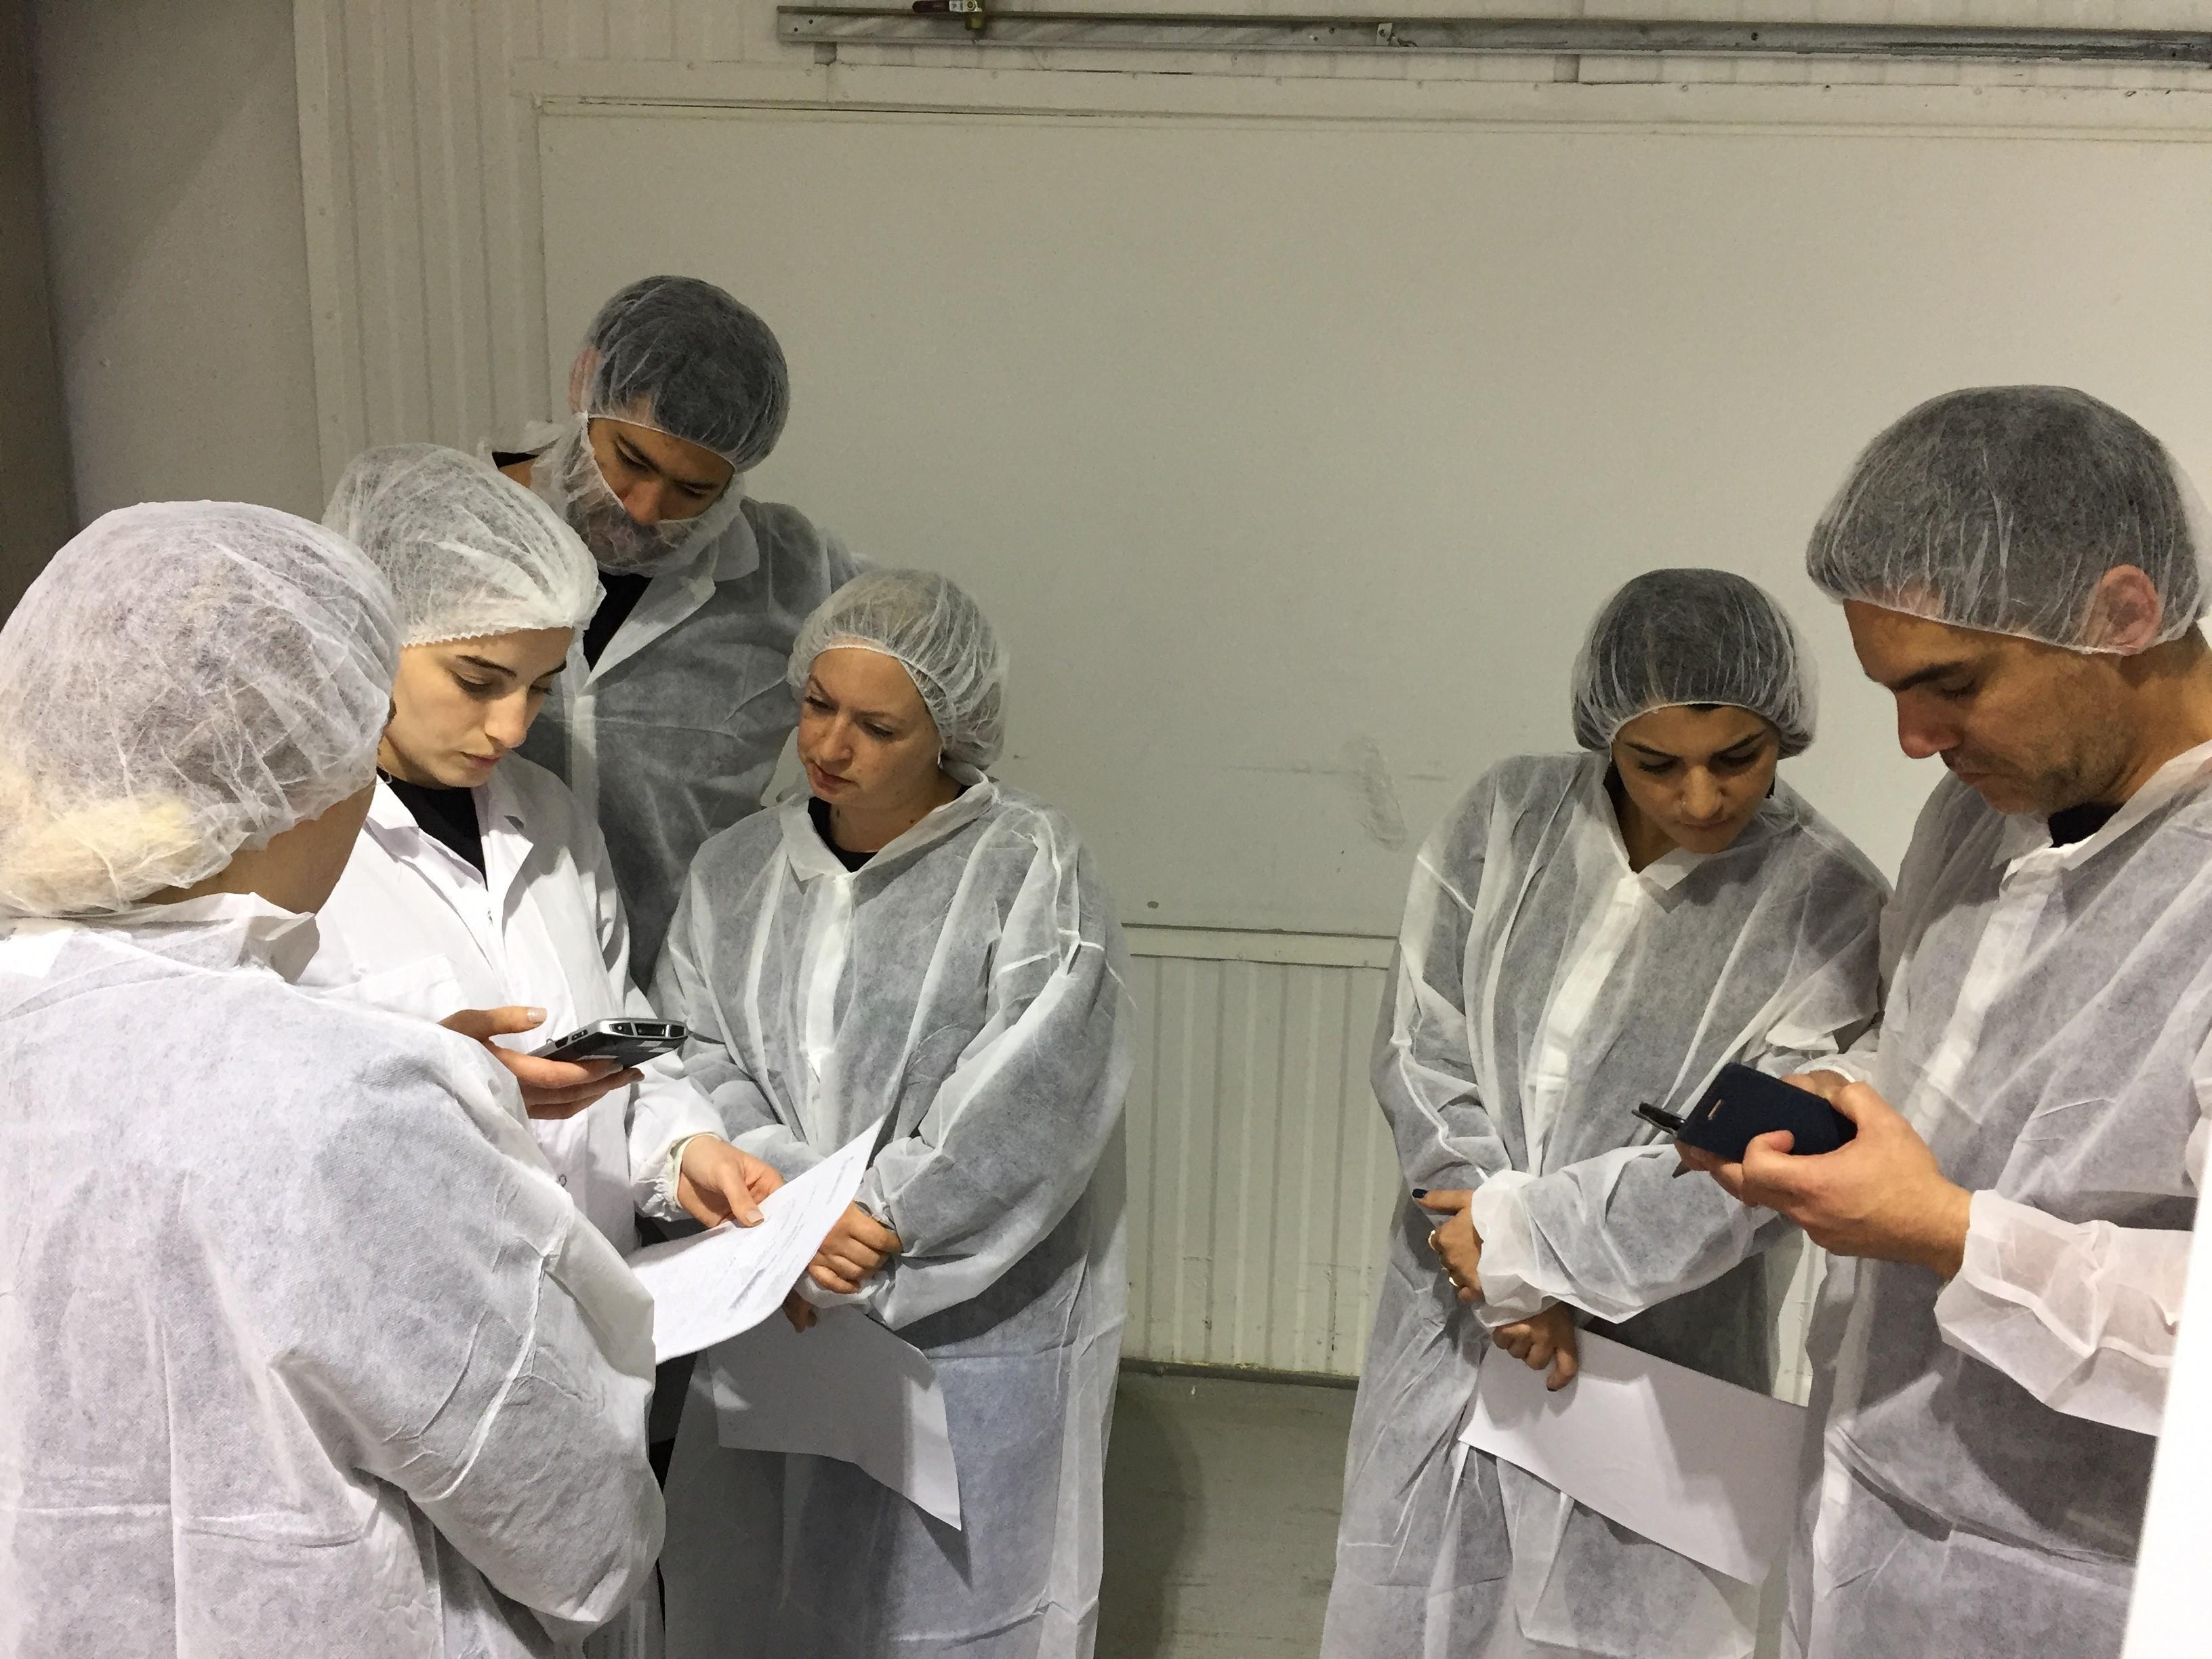 סיור במפעל, הטמעת מערכות מידע